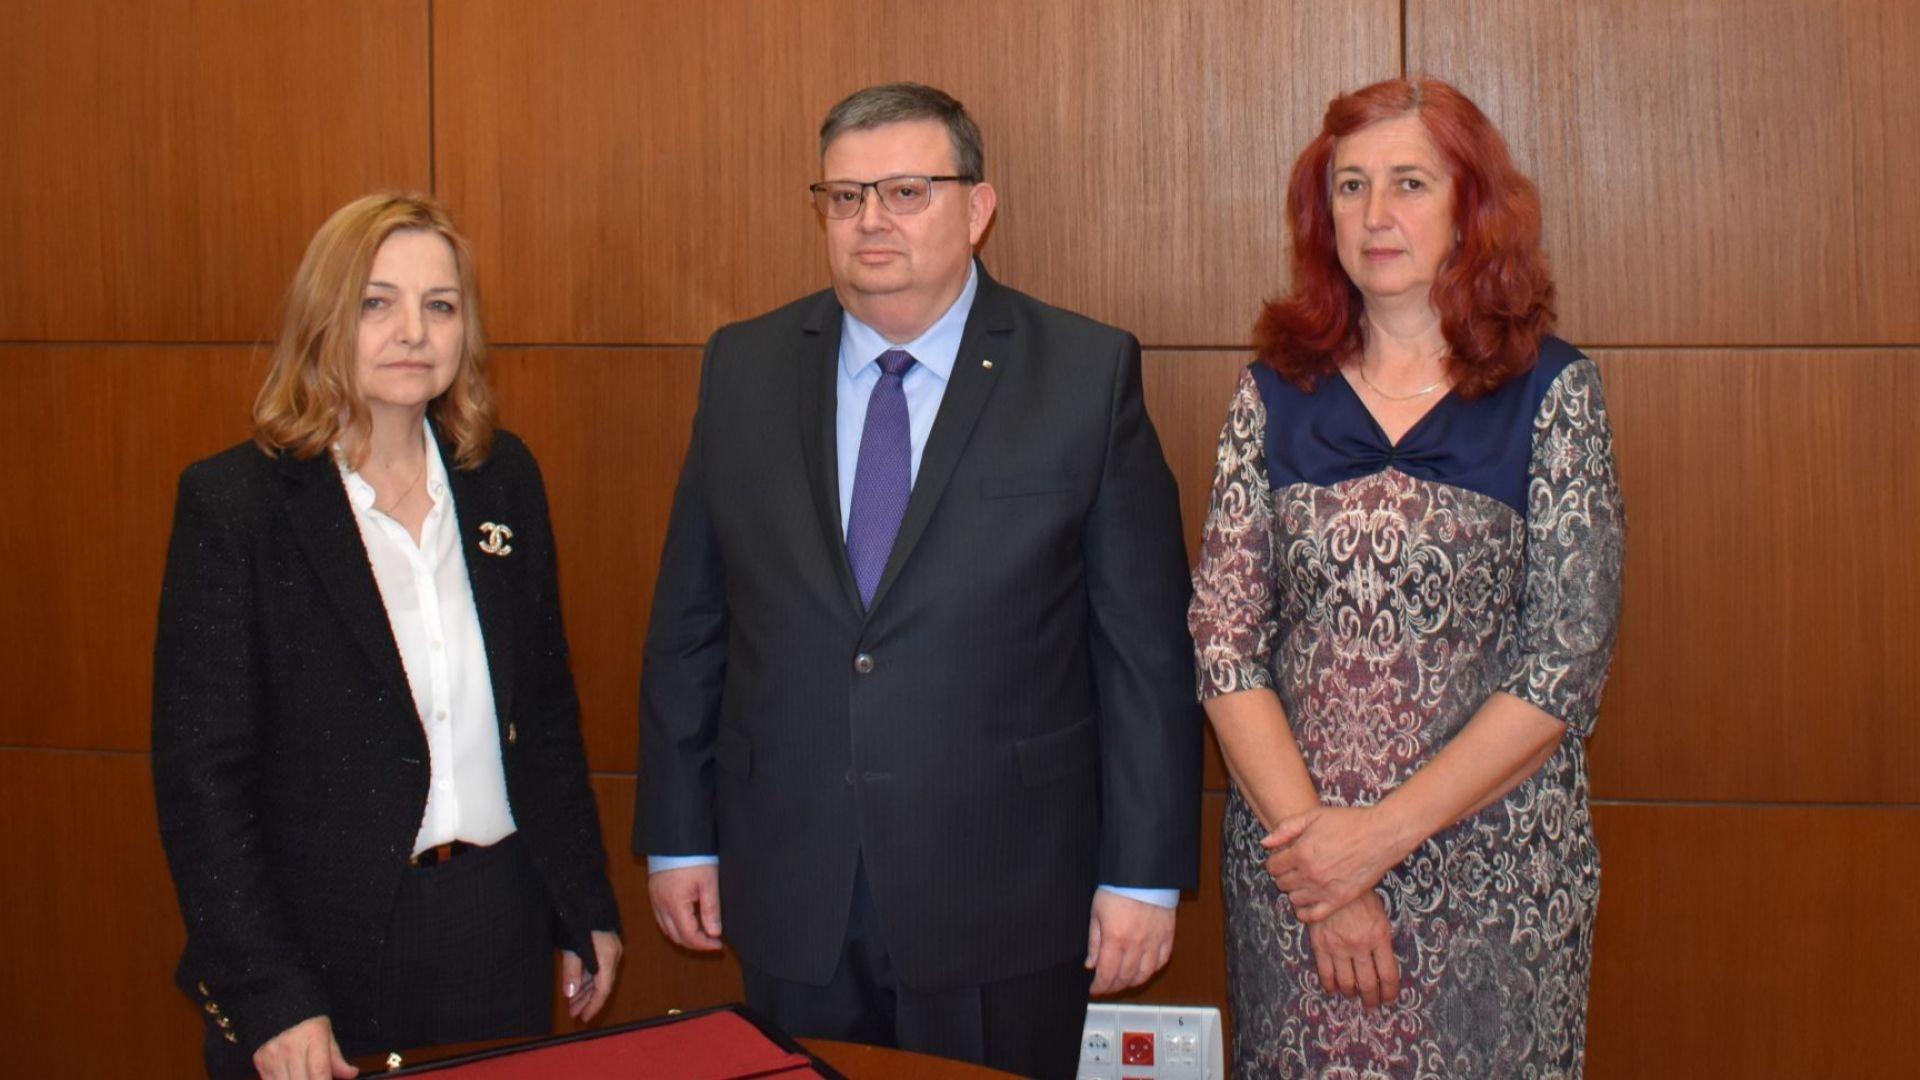 С награда са отличени прокурор Недялка Попова от държавното обвинение